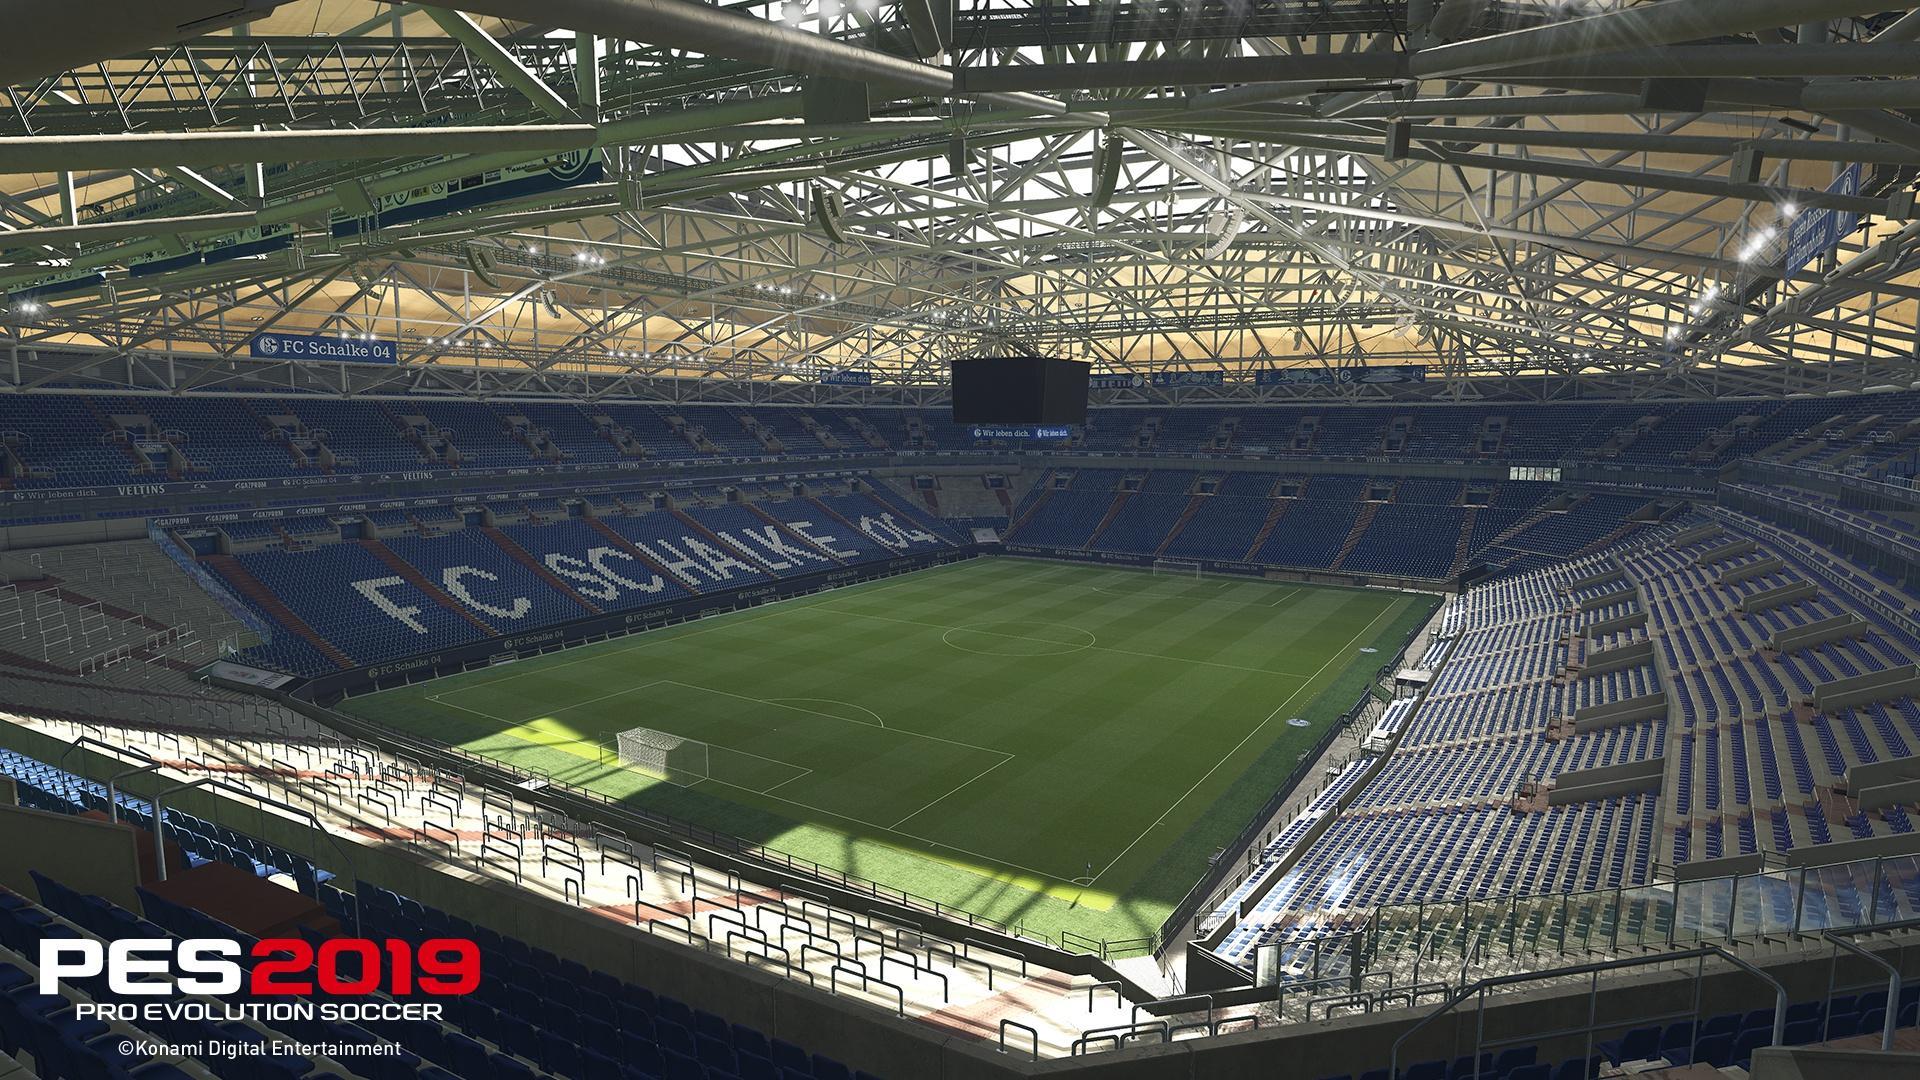 PES 2019: le immagini della Veltins-Arena